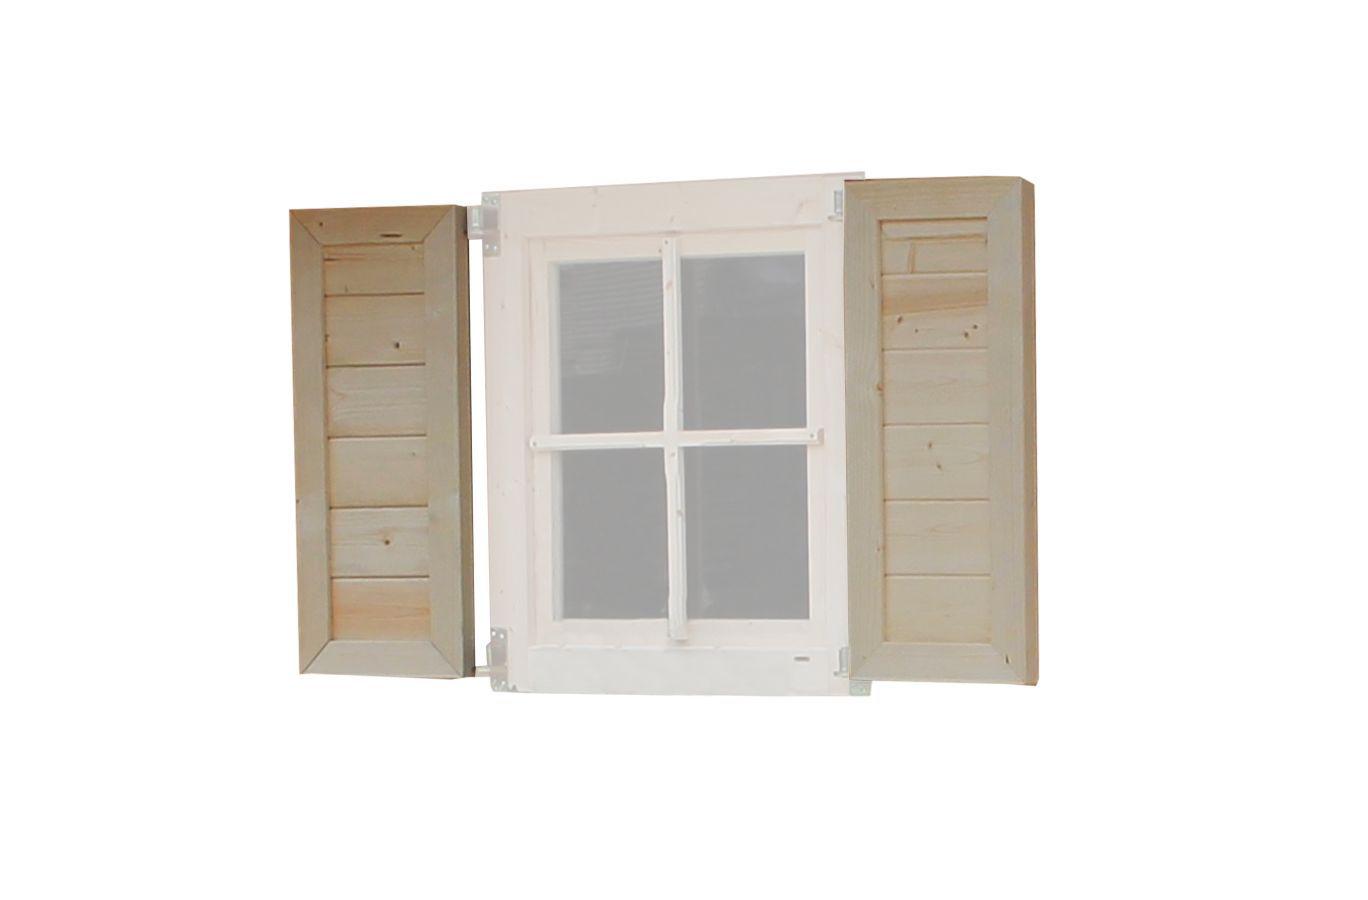 Fensterläden aus 44 mm dickem Fichtenholz